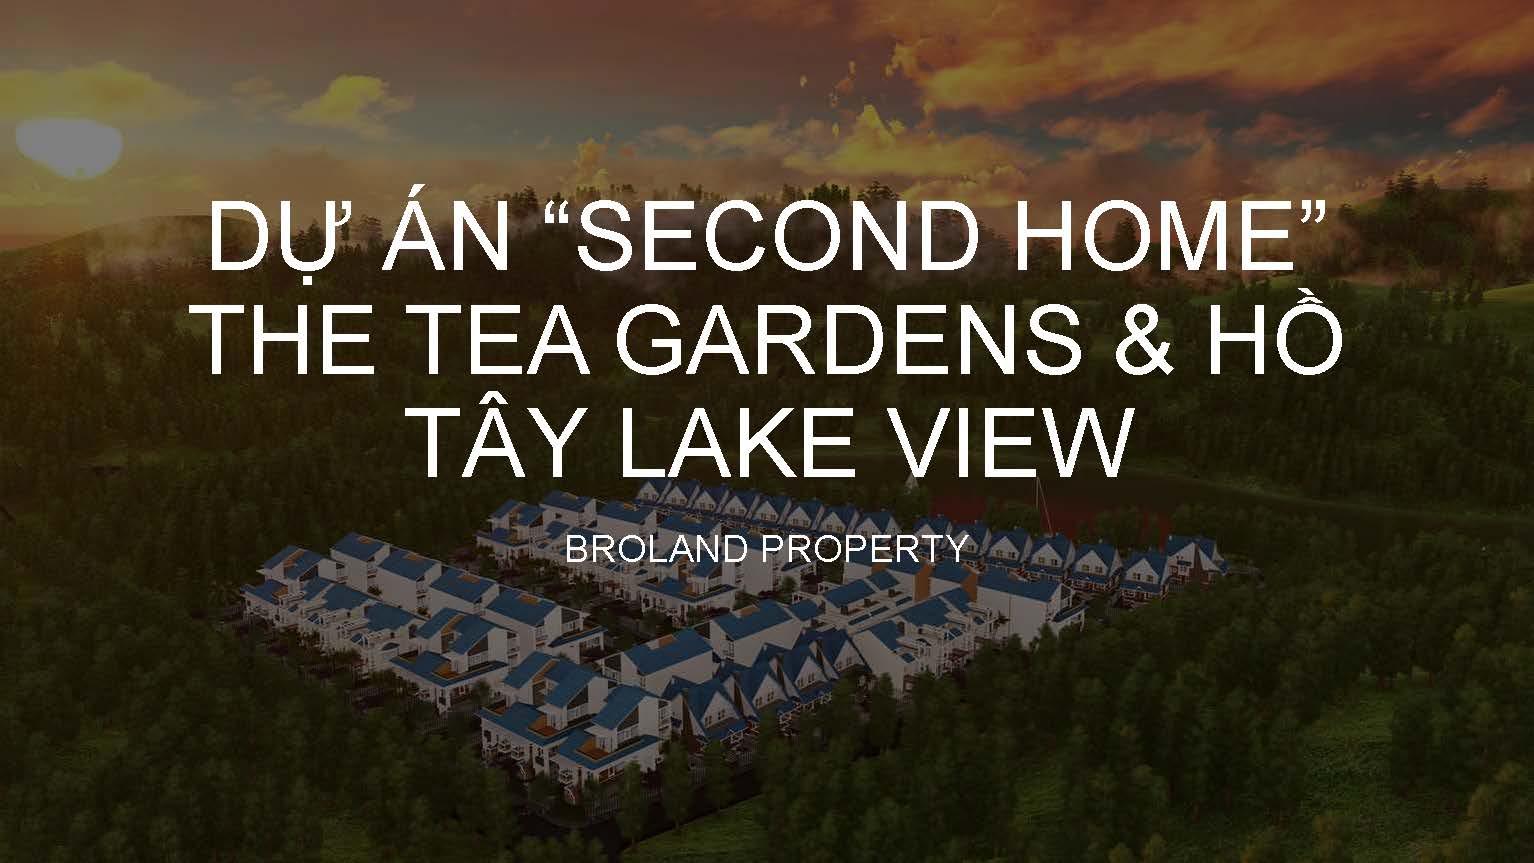 Dự án second home bảo lộc , dự án the tea garden , hồ tây lake view di linh , đất vườn - đất đồi - đất rẫy - nhà vườn - biệt thự vườn - di linh lâm đồng